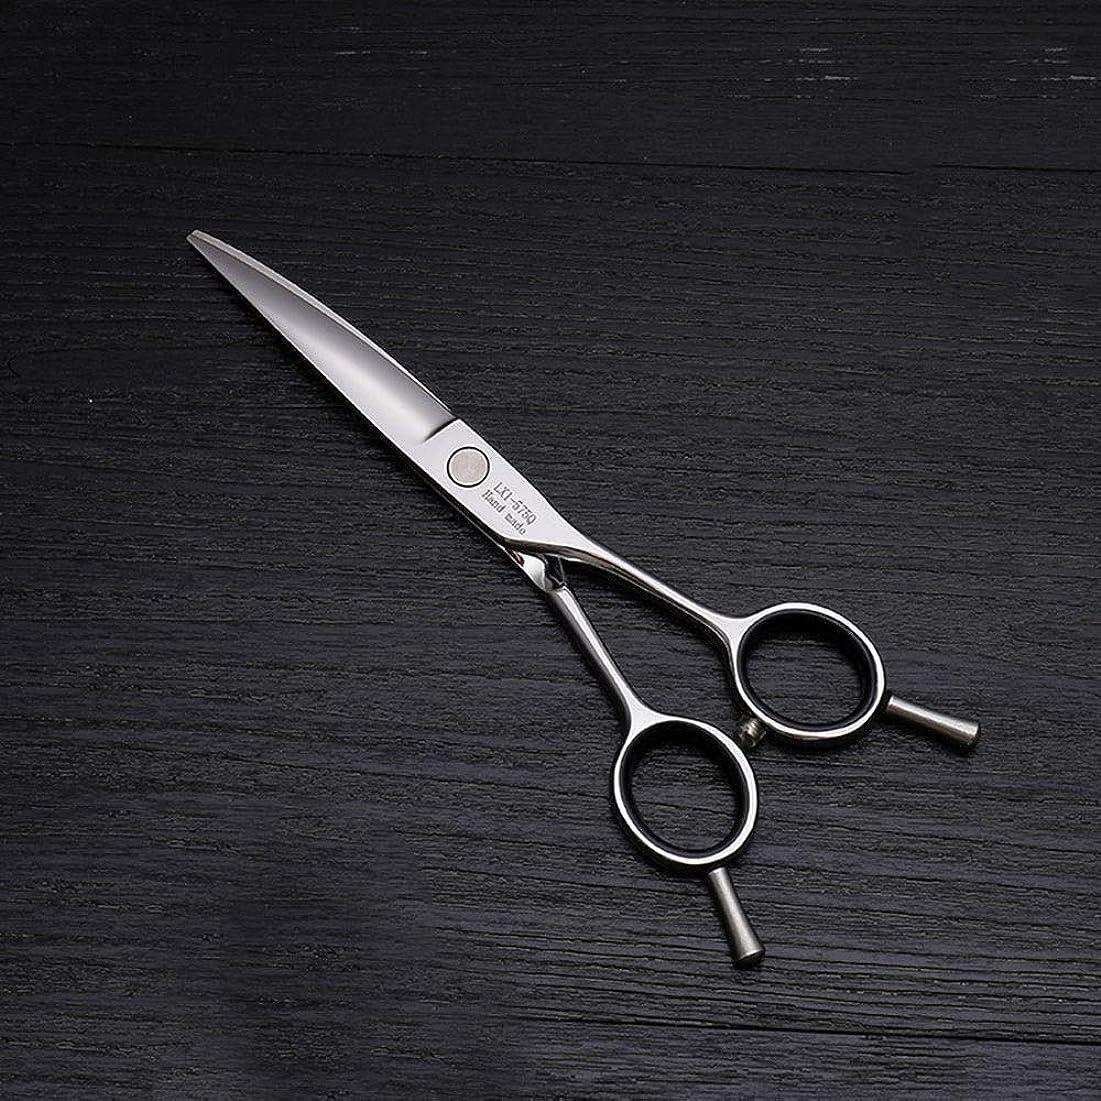 ライム期間焦がす6インチ美容院プロのヘアカット兼用バリカン、ヘアカットステンレス鋼トリマー ヘアケア (色 : Silver)